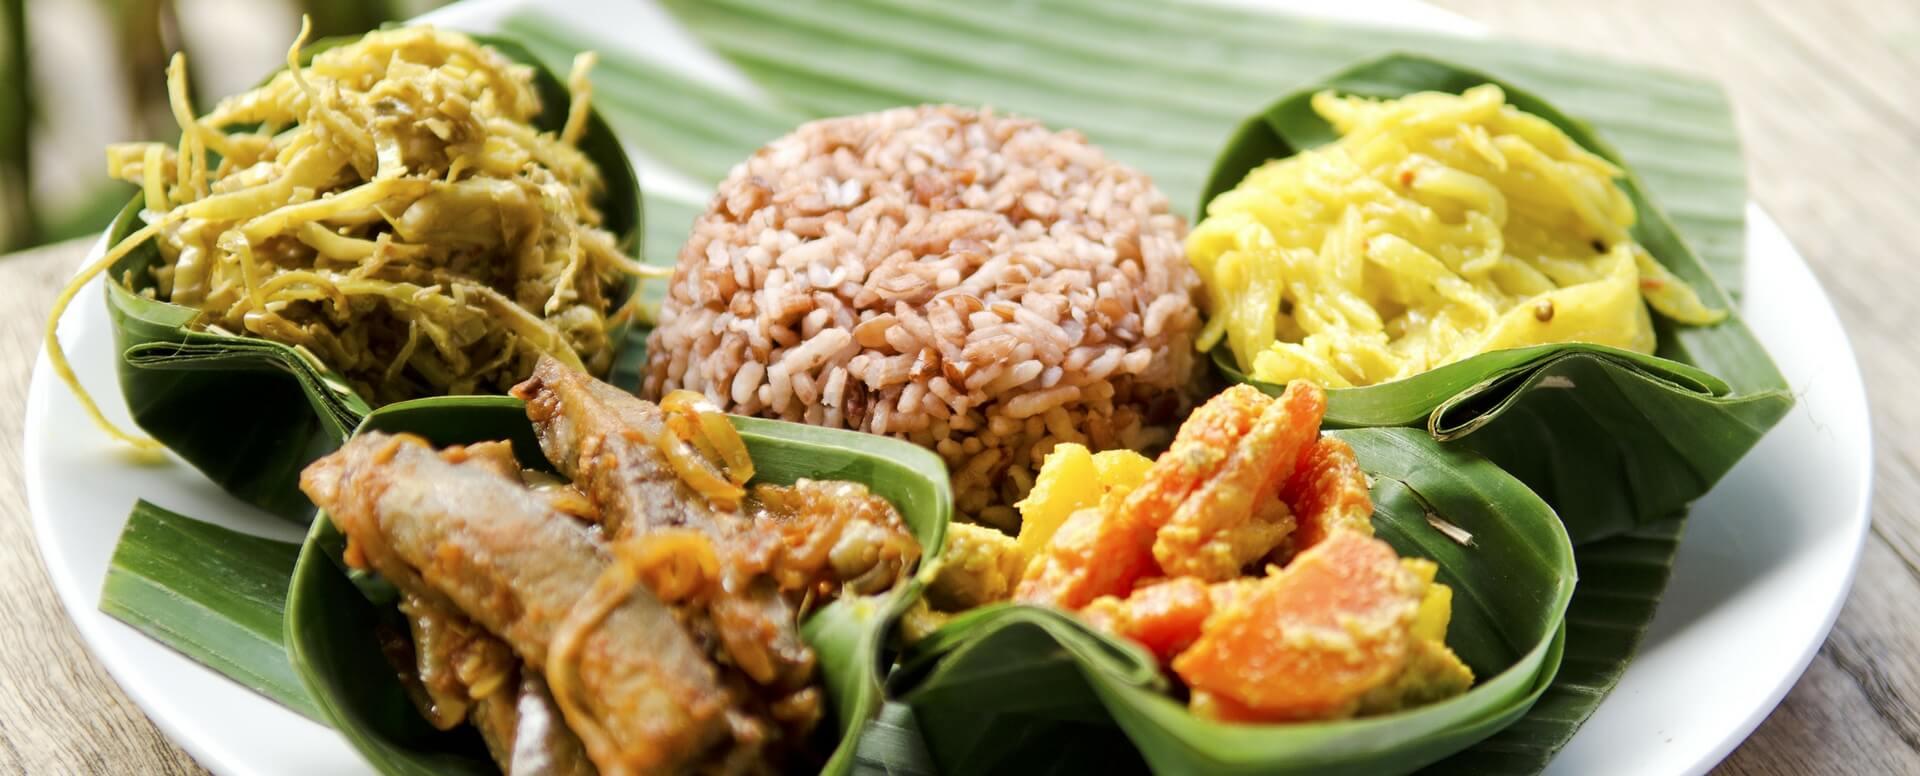 10- Goûtez aux délices de la gastronomie balinaise - Bali